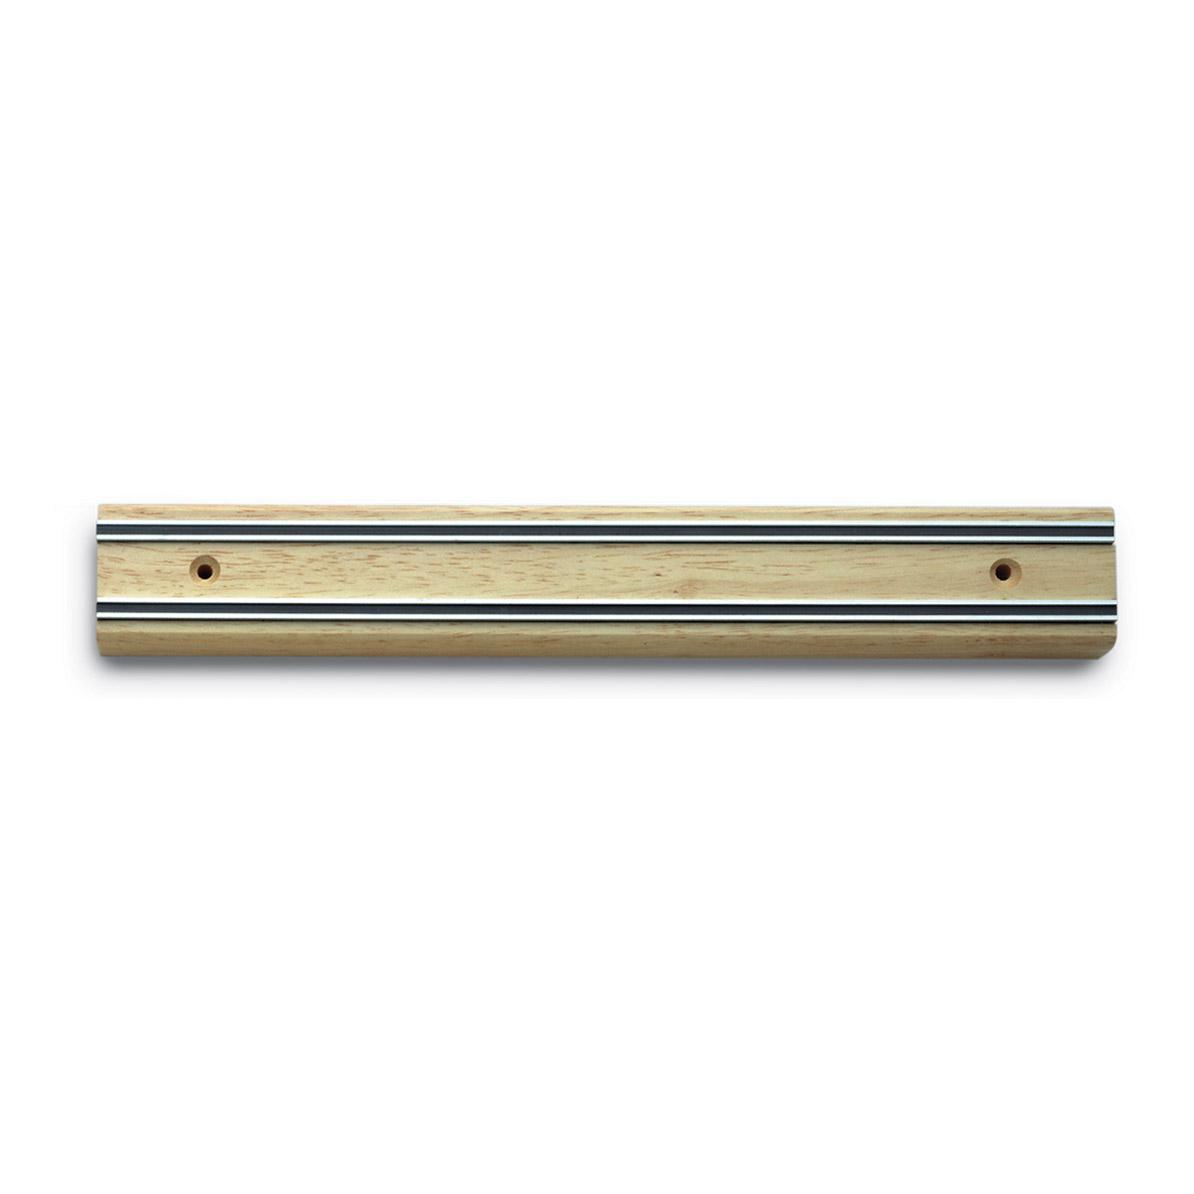 WÜSTHOF Magnetická lišta na nože 30 cm světlá